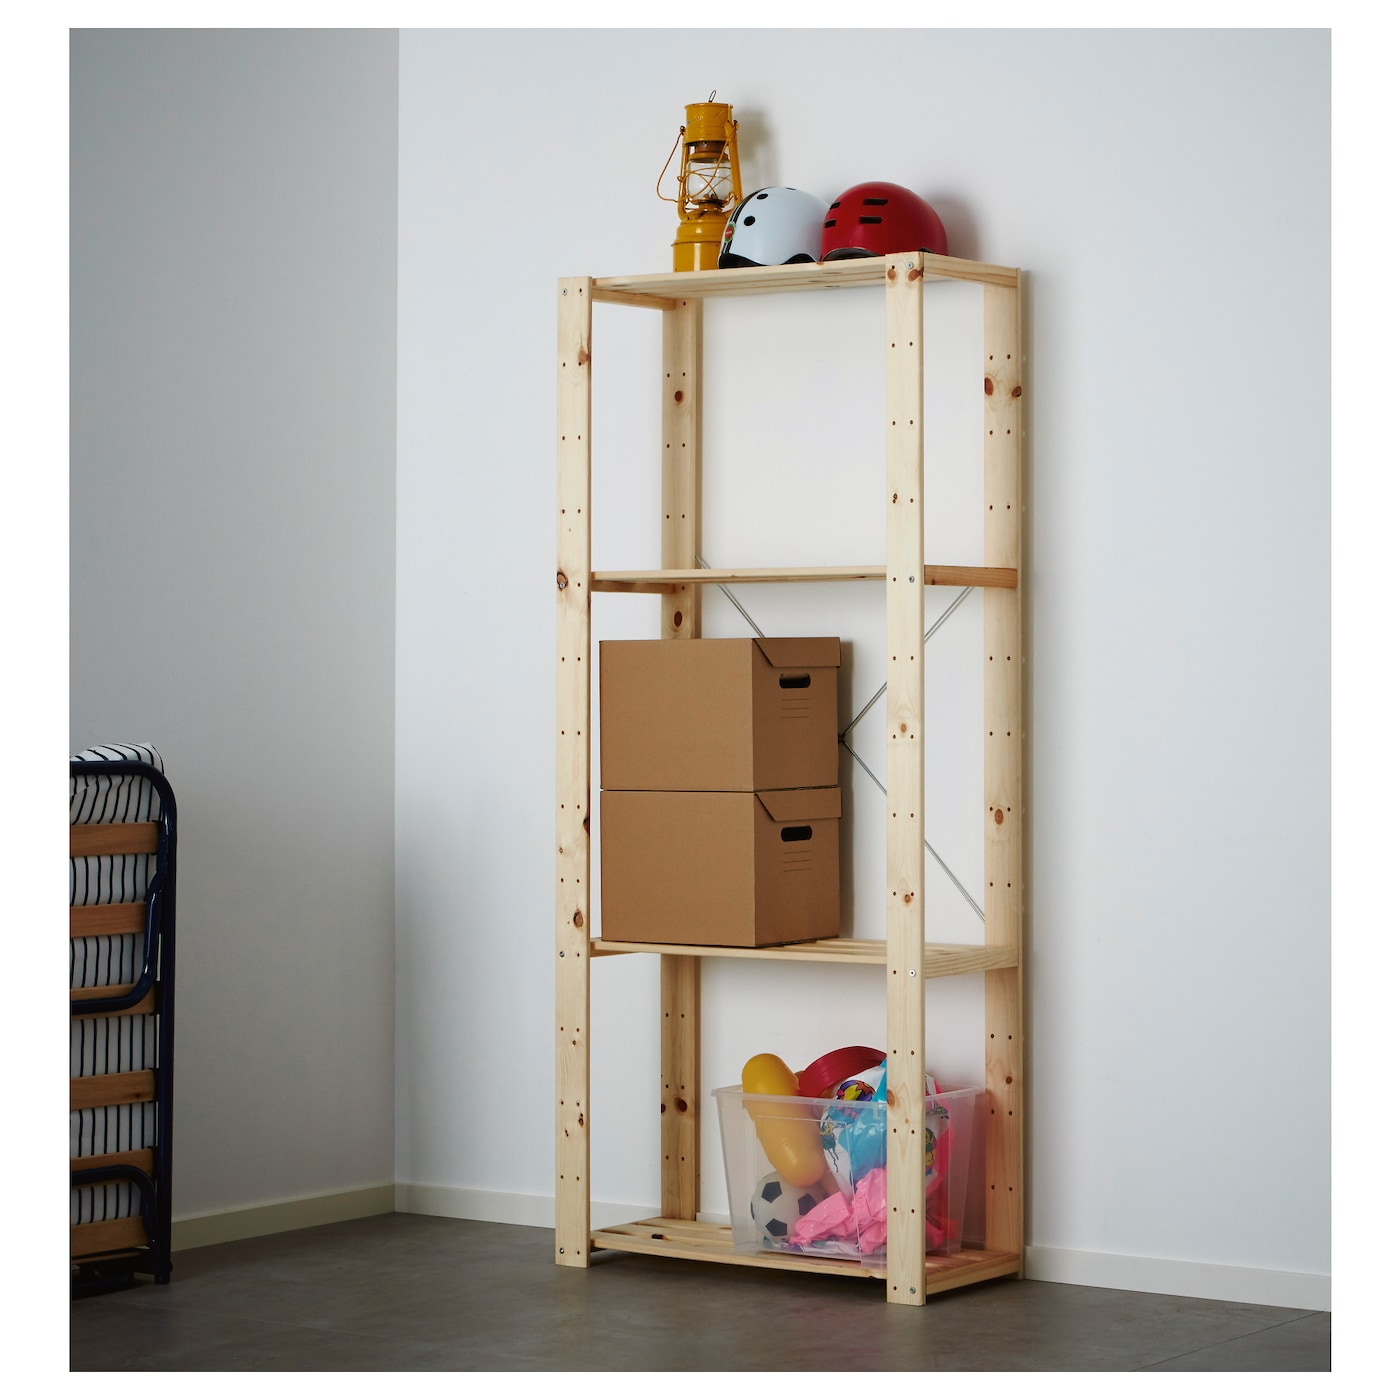 Ikea hejne  HEJNE 1 section Softwood 78x31x171 cm - IKEA